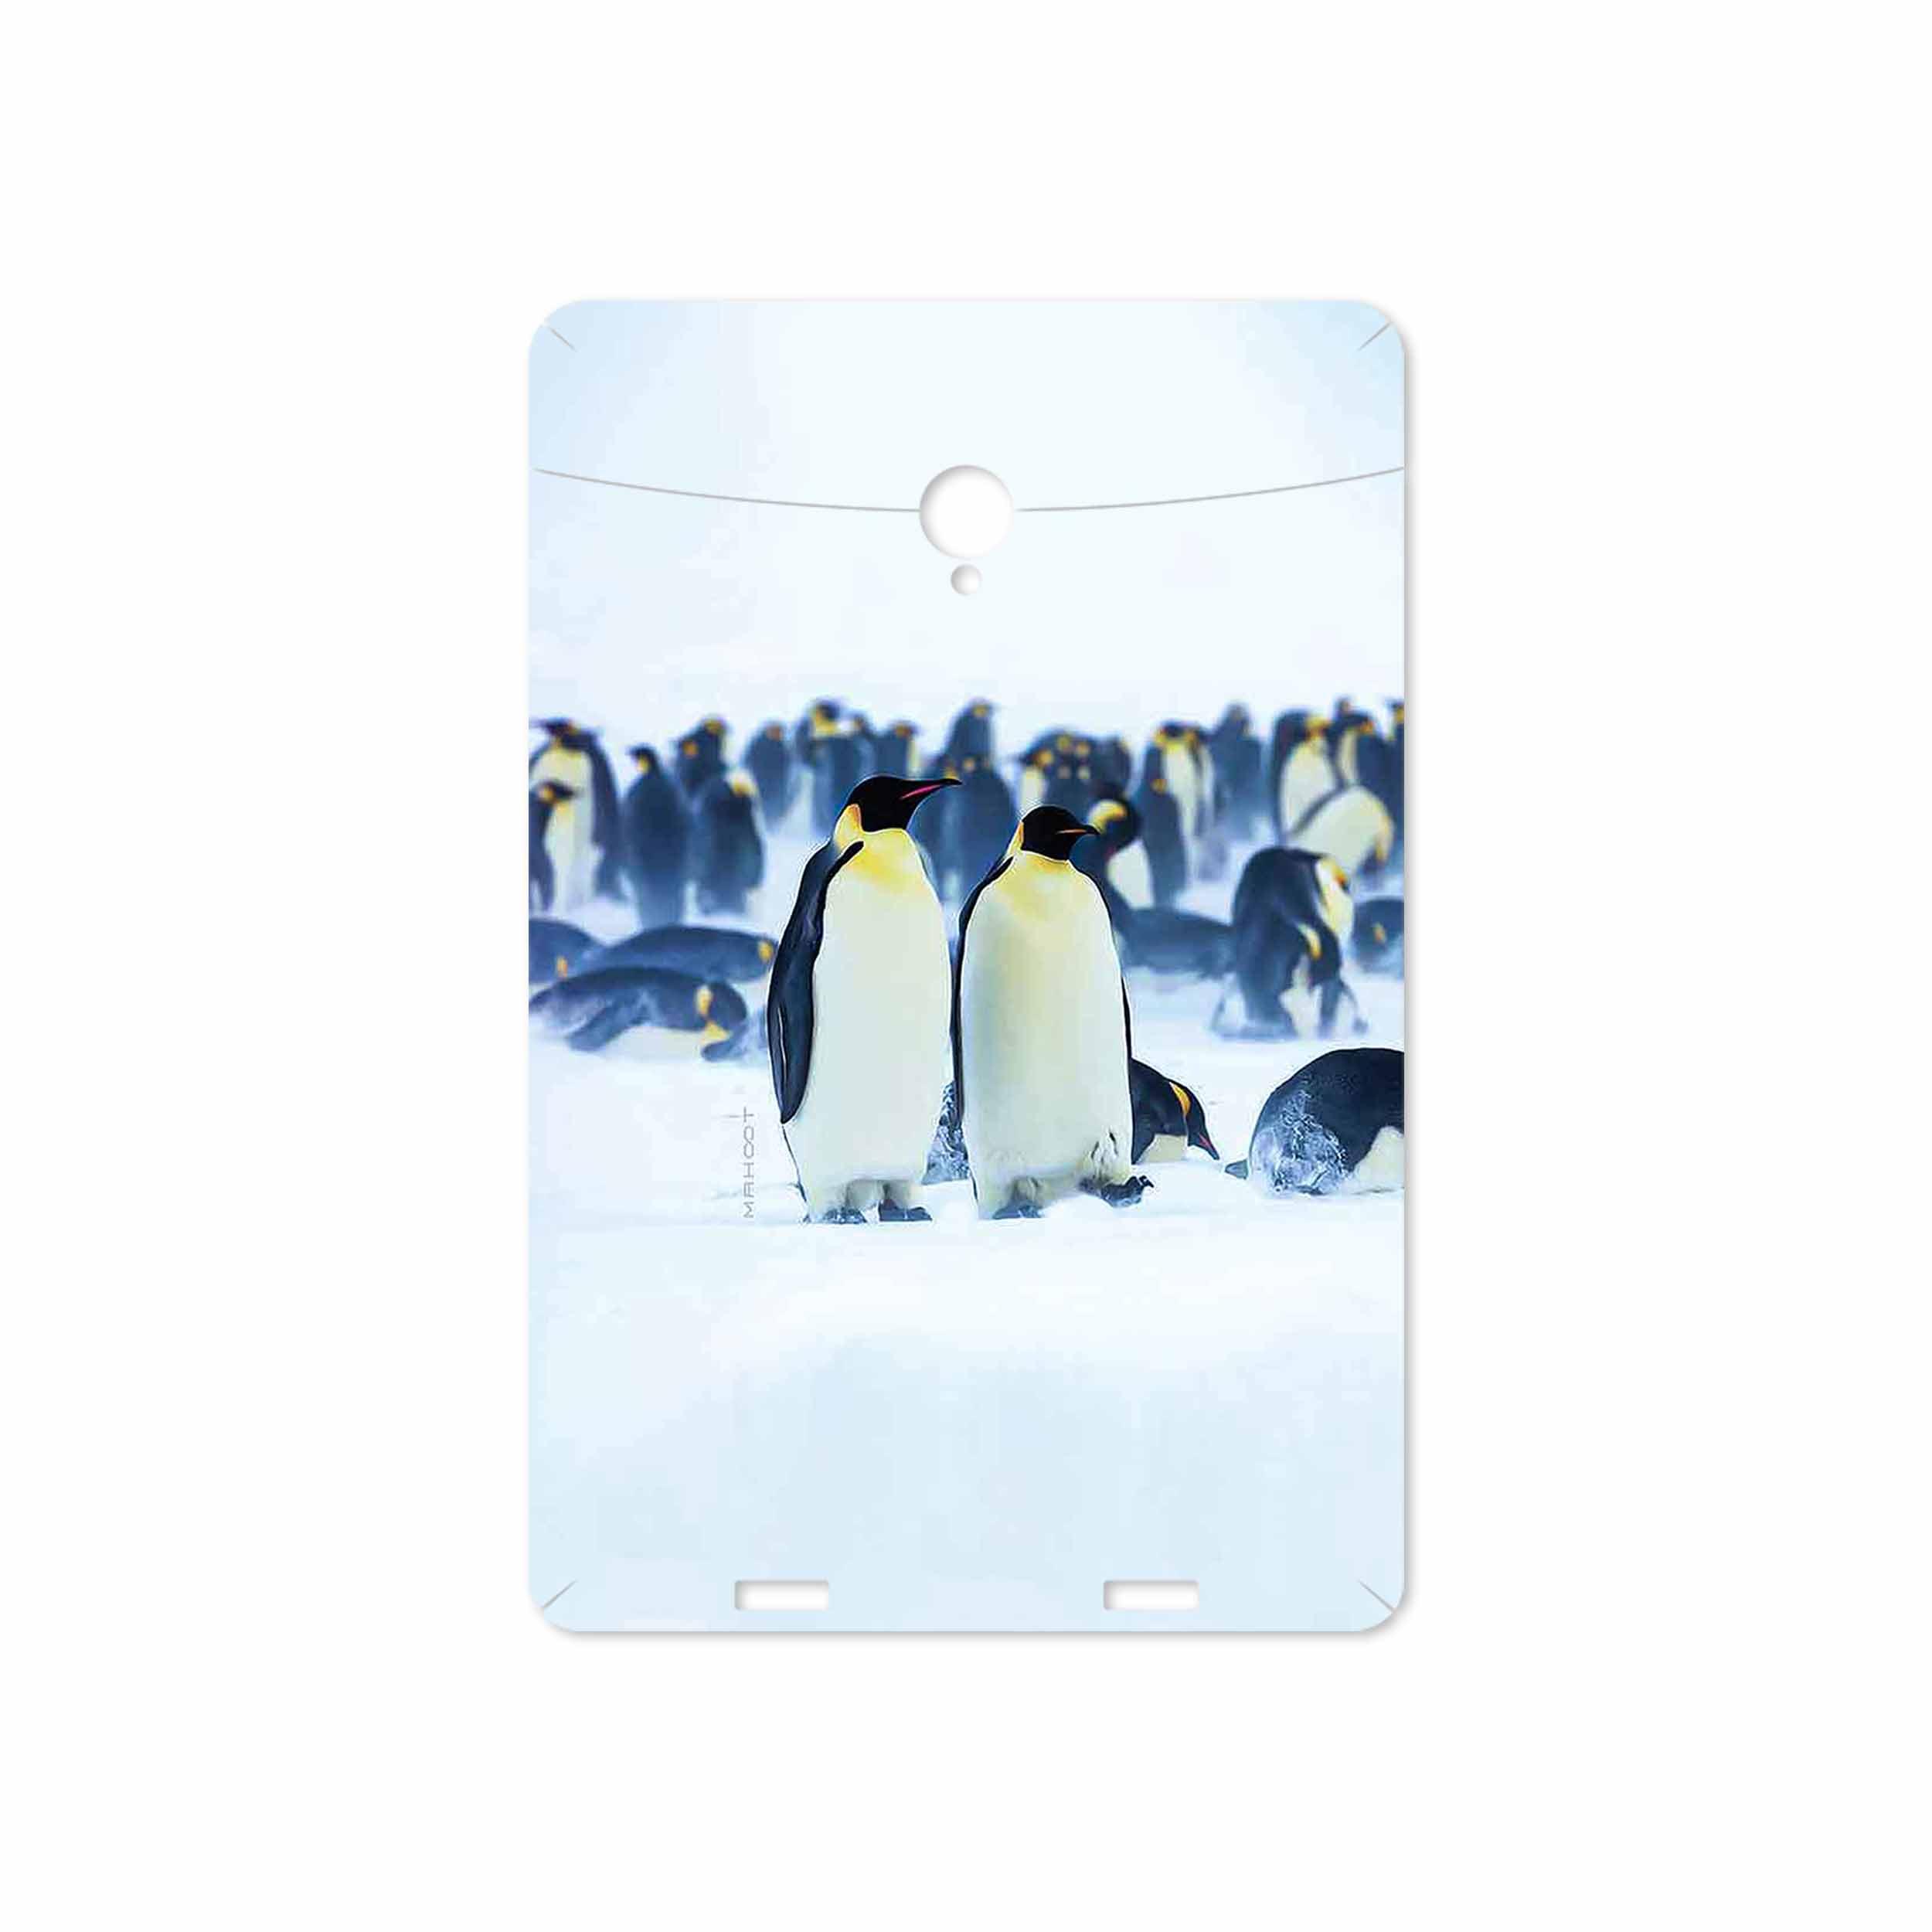 بررسی و خرید [با تخفیف]                                     برچسب پوششی ماهوت مدل Penguin مناسب برای تبلت وریکو Unipad                             اورجینال